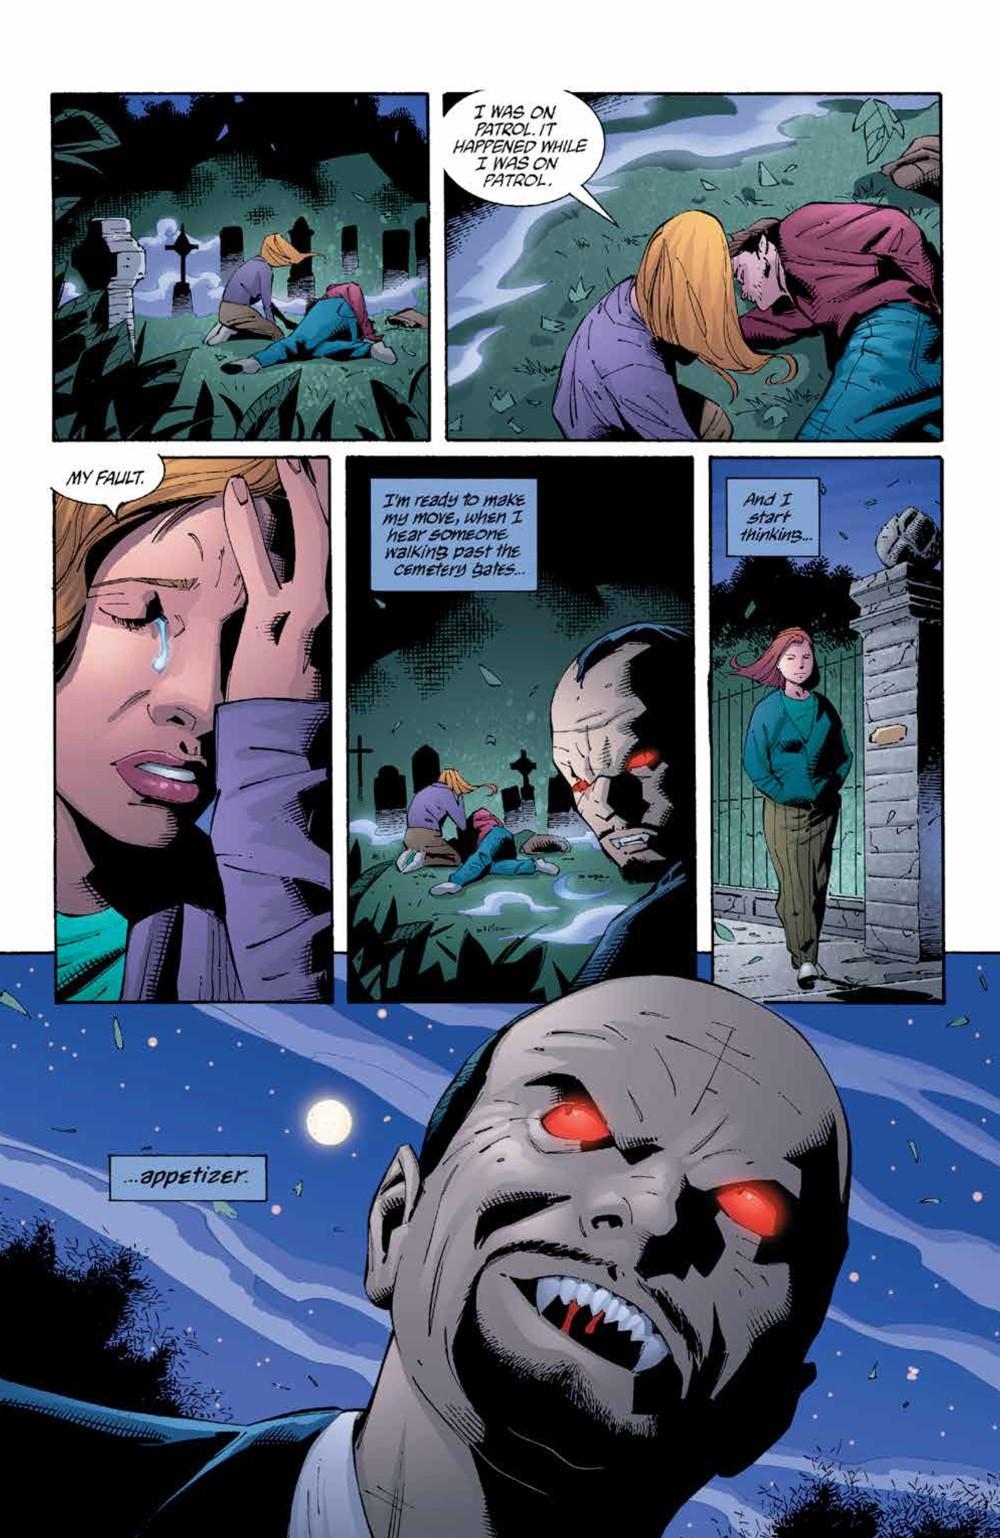 Buffy_Legacy_v5_SC_PRESS_22 ComicList Previews: BUFFY VAMPIRE SLAYER LEGACY EDITION VOLUME 5 TP